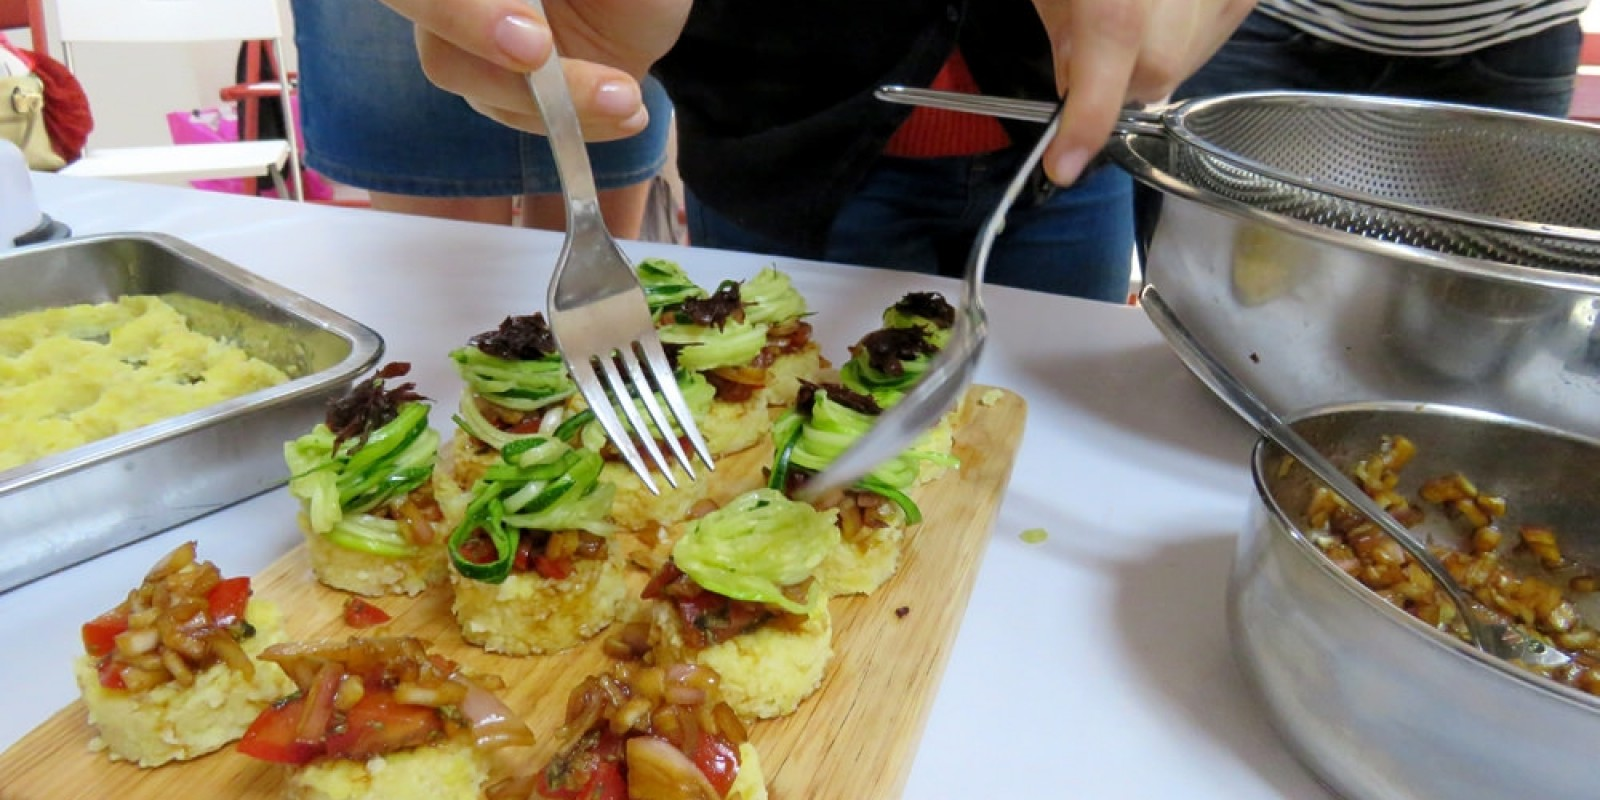 buone ragioni per provare la vera cucina vegetariana a Napoli